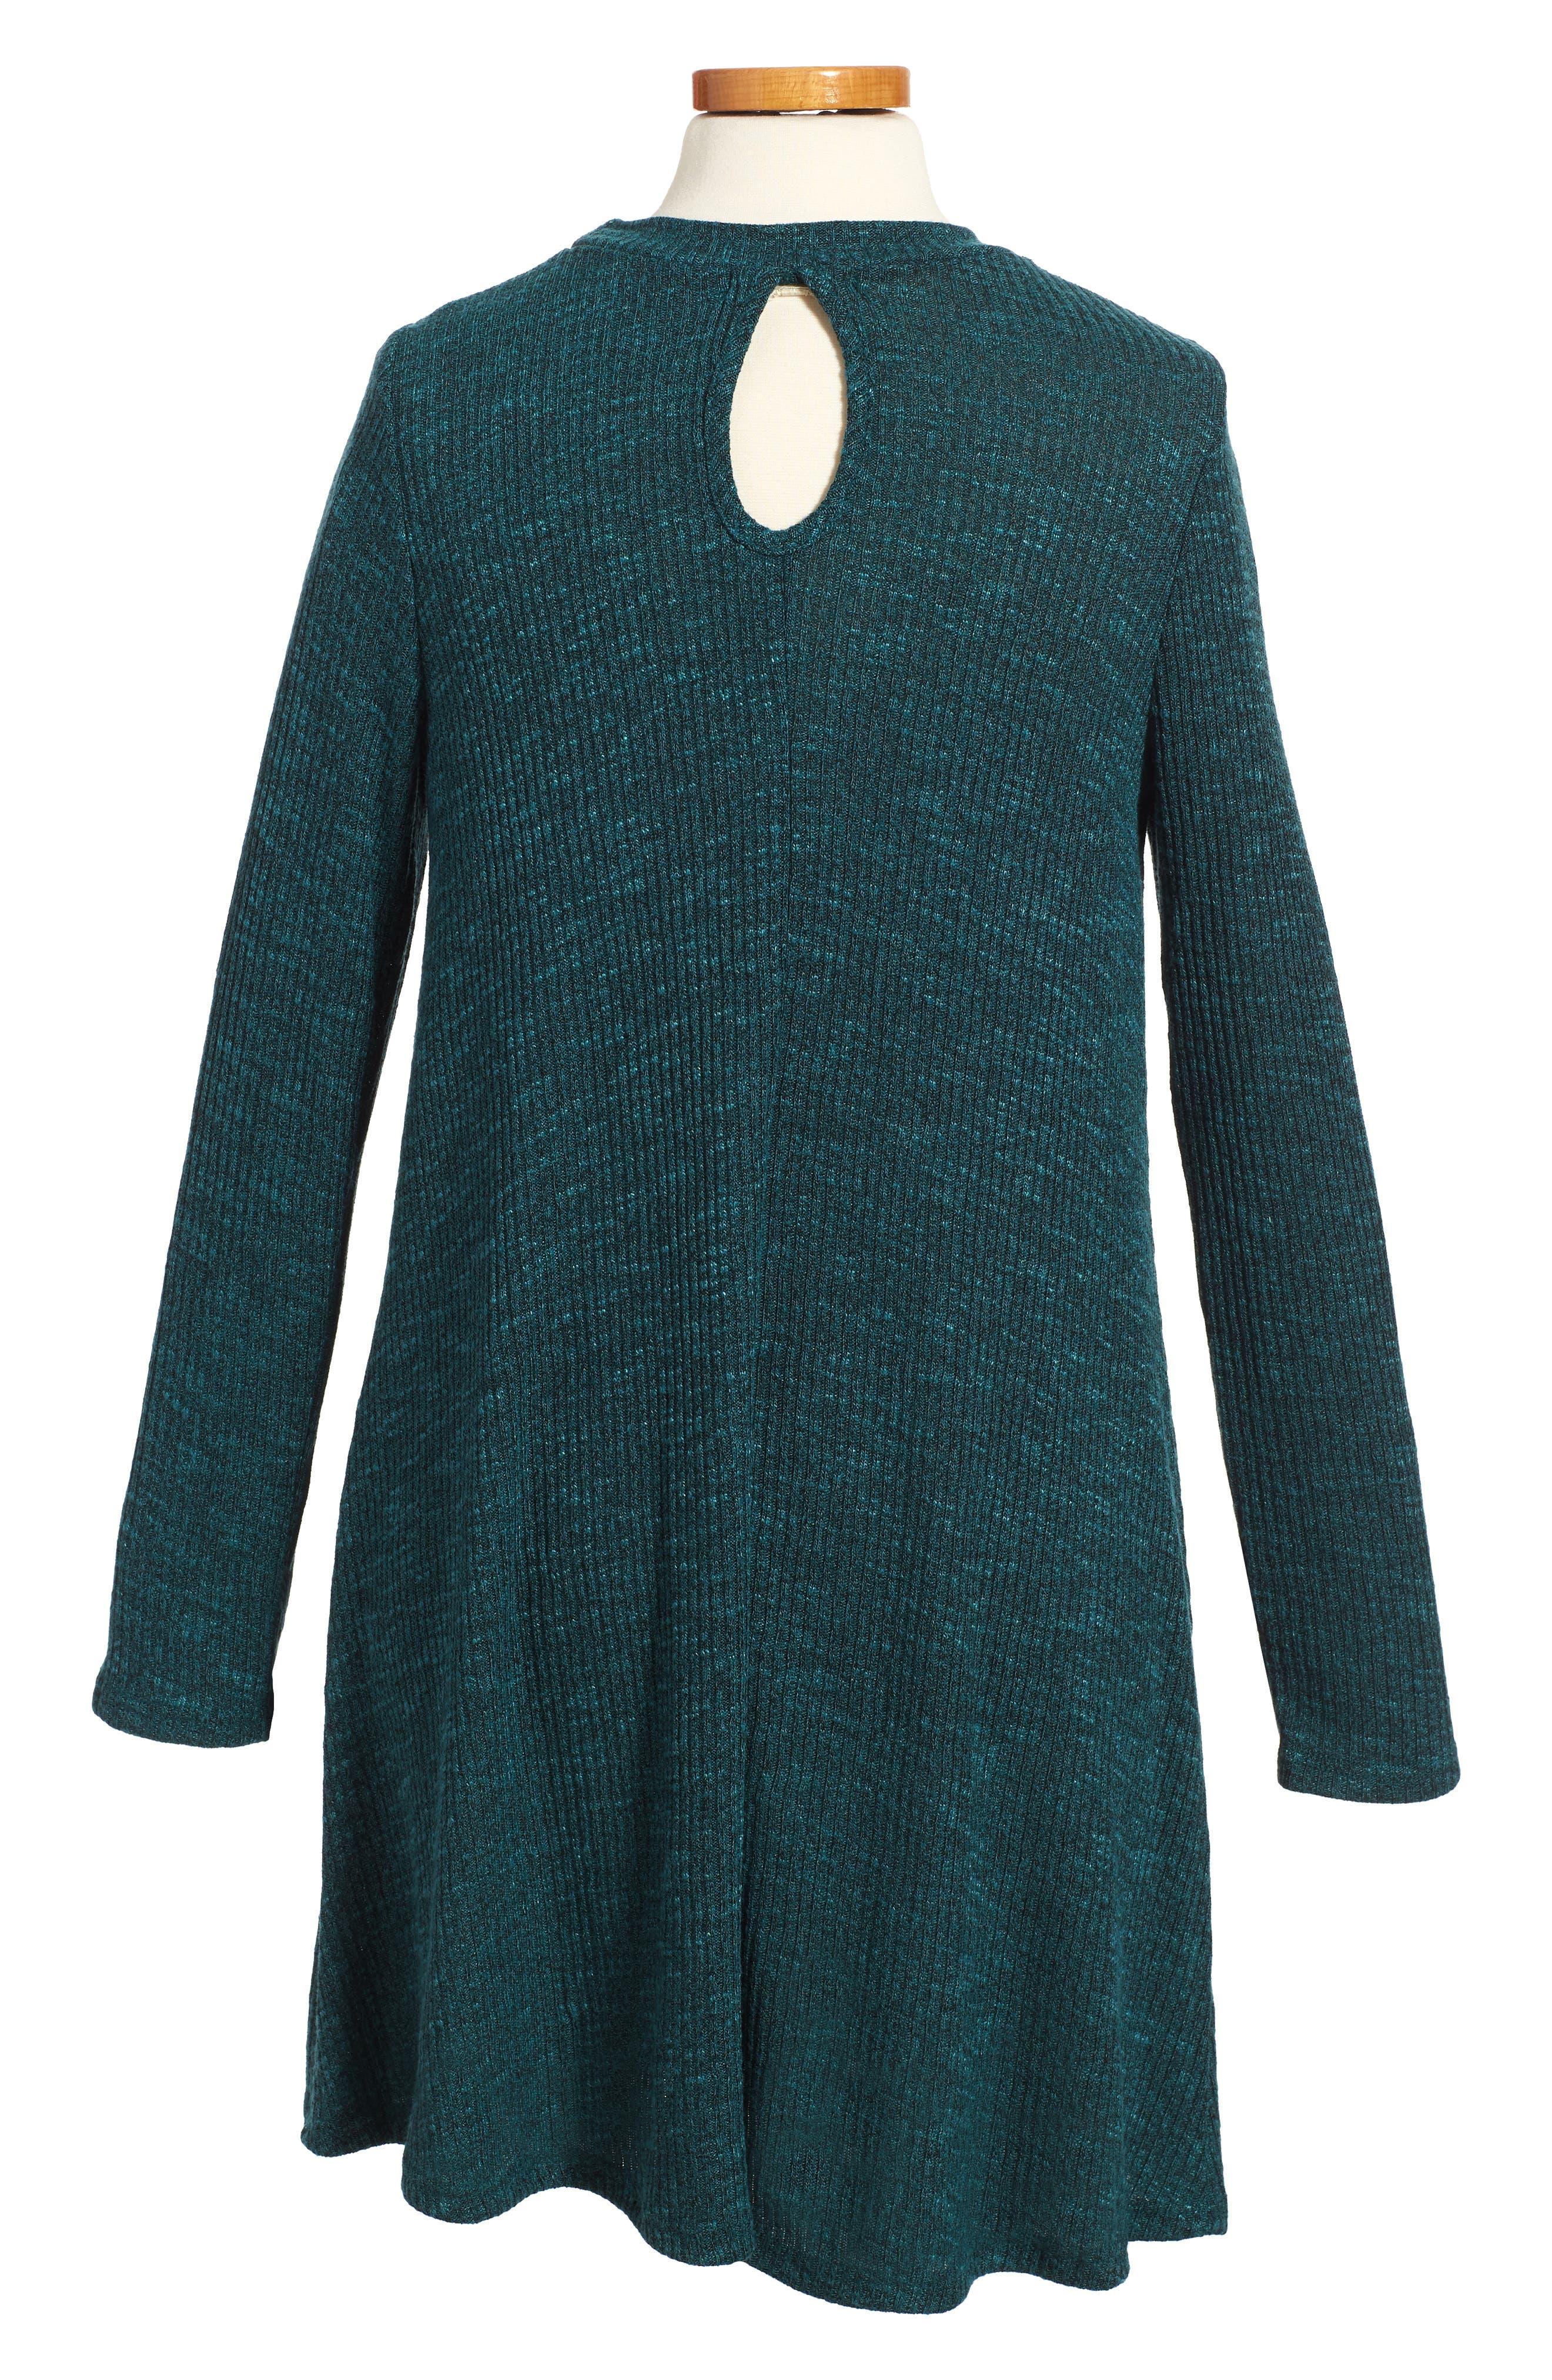 Rib Knit Sweater Dress,                             Alternate thumbnail 2, color,                             359